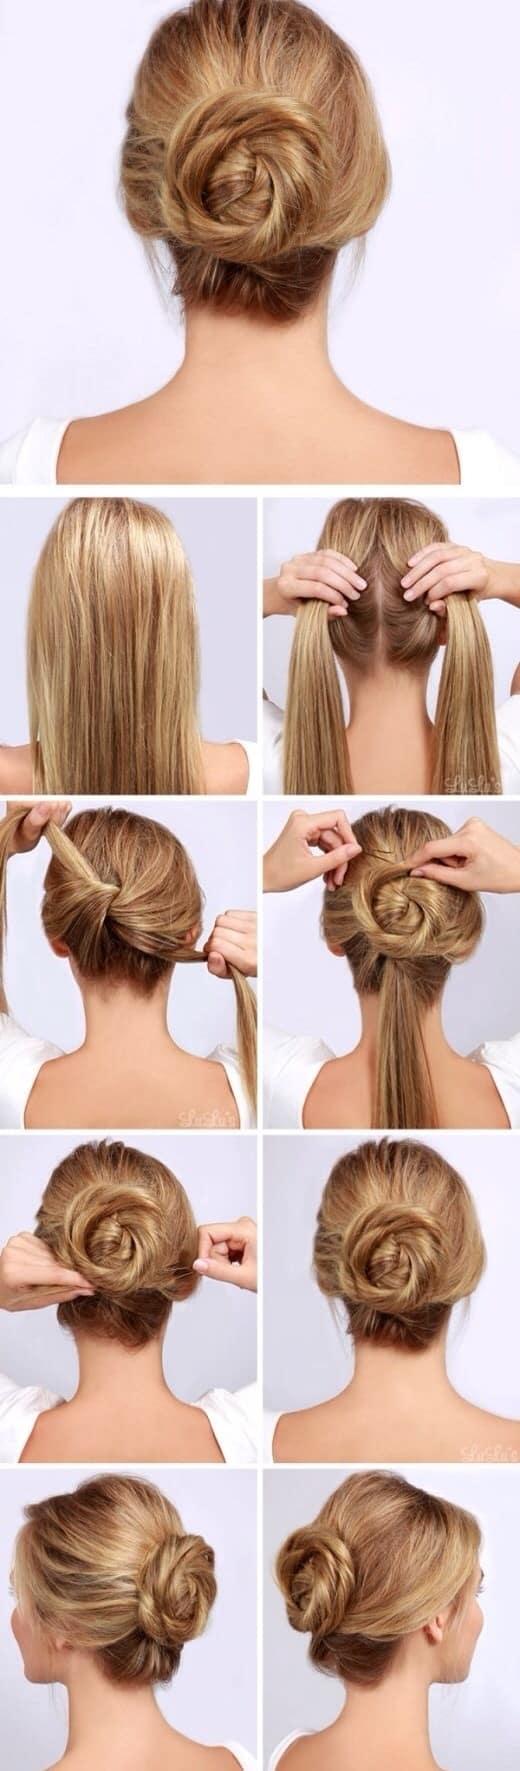 Peinados Recogidos Faciles Paso A Paso (1)